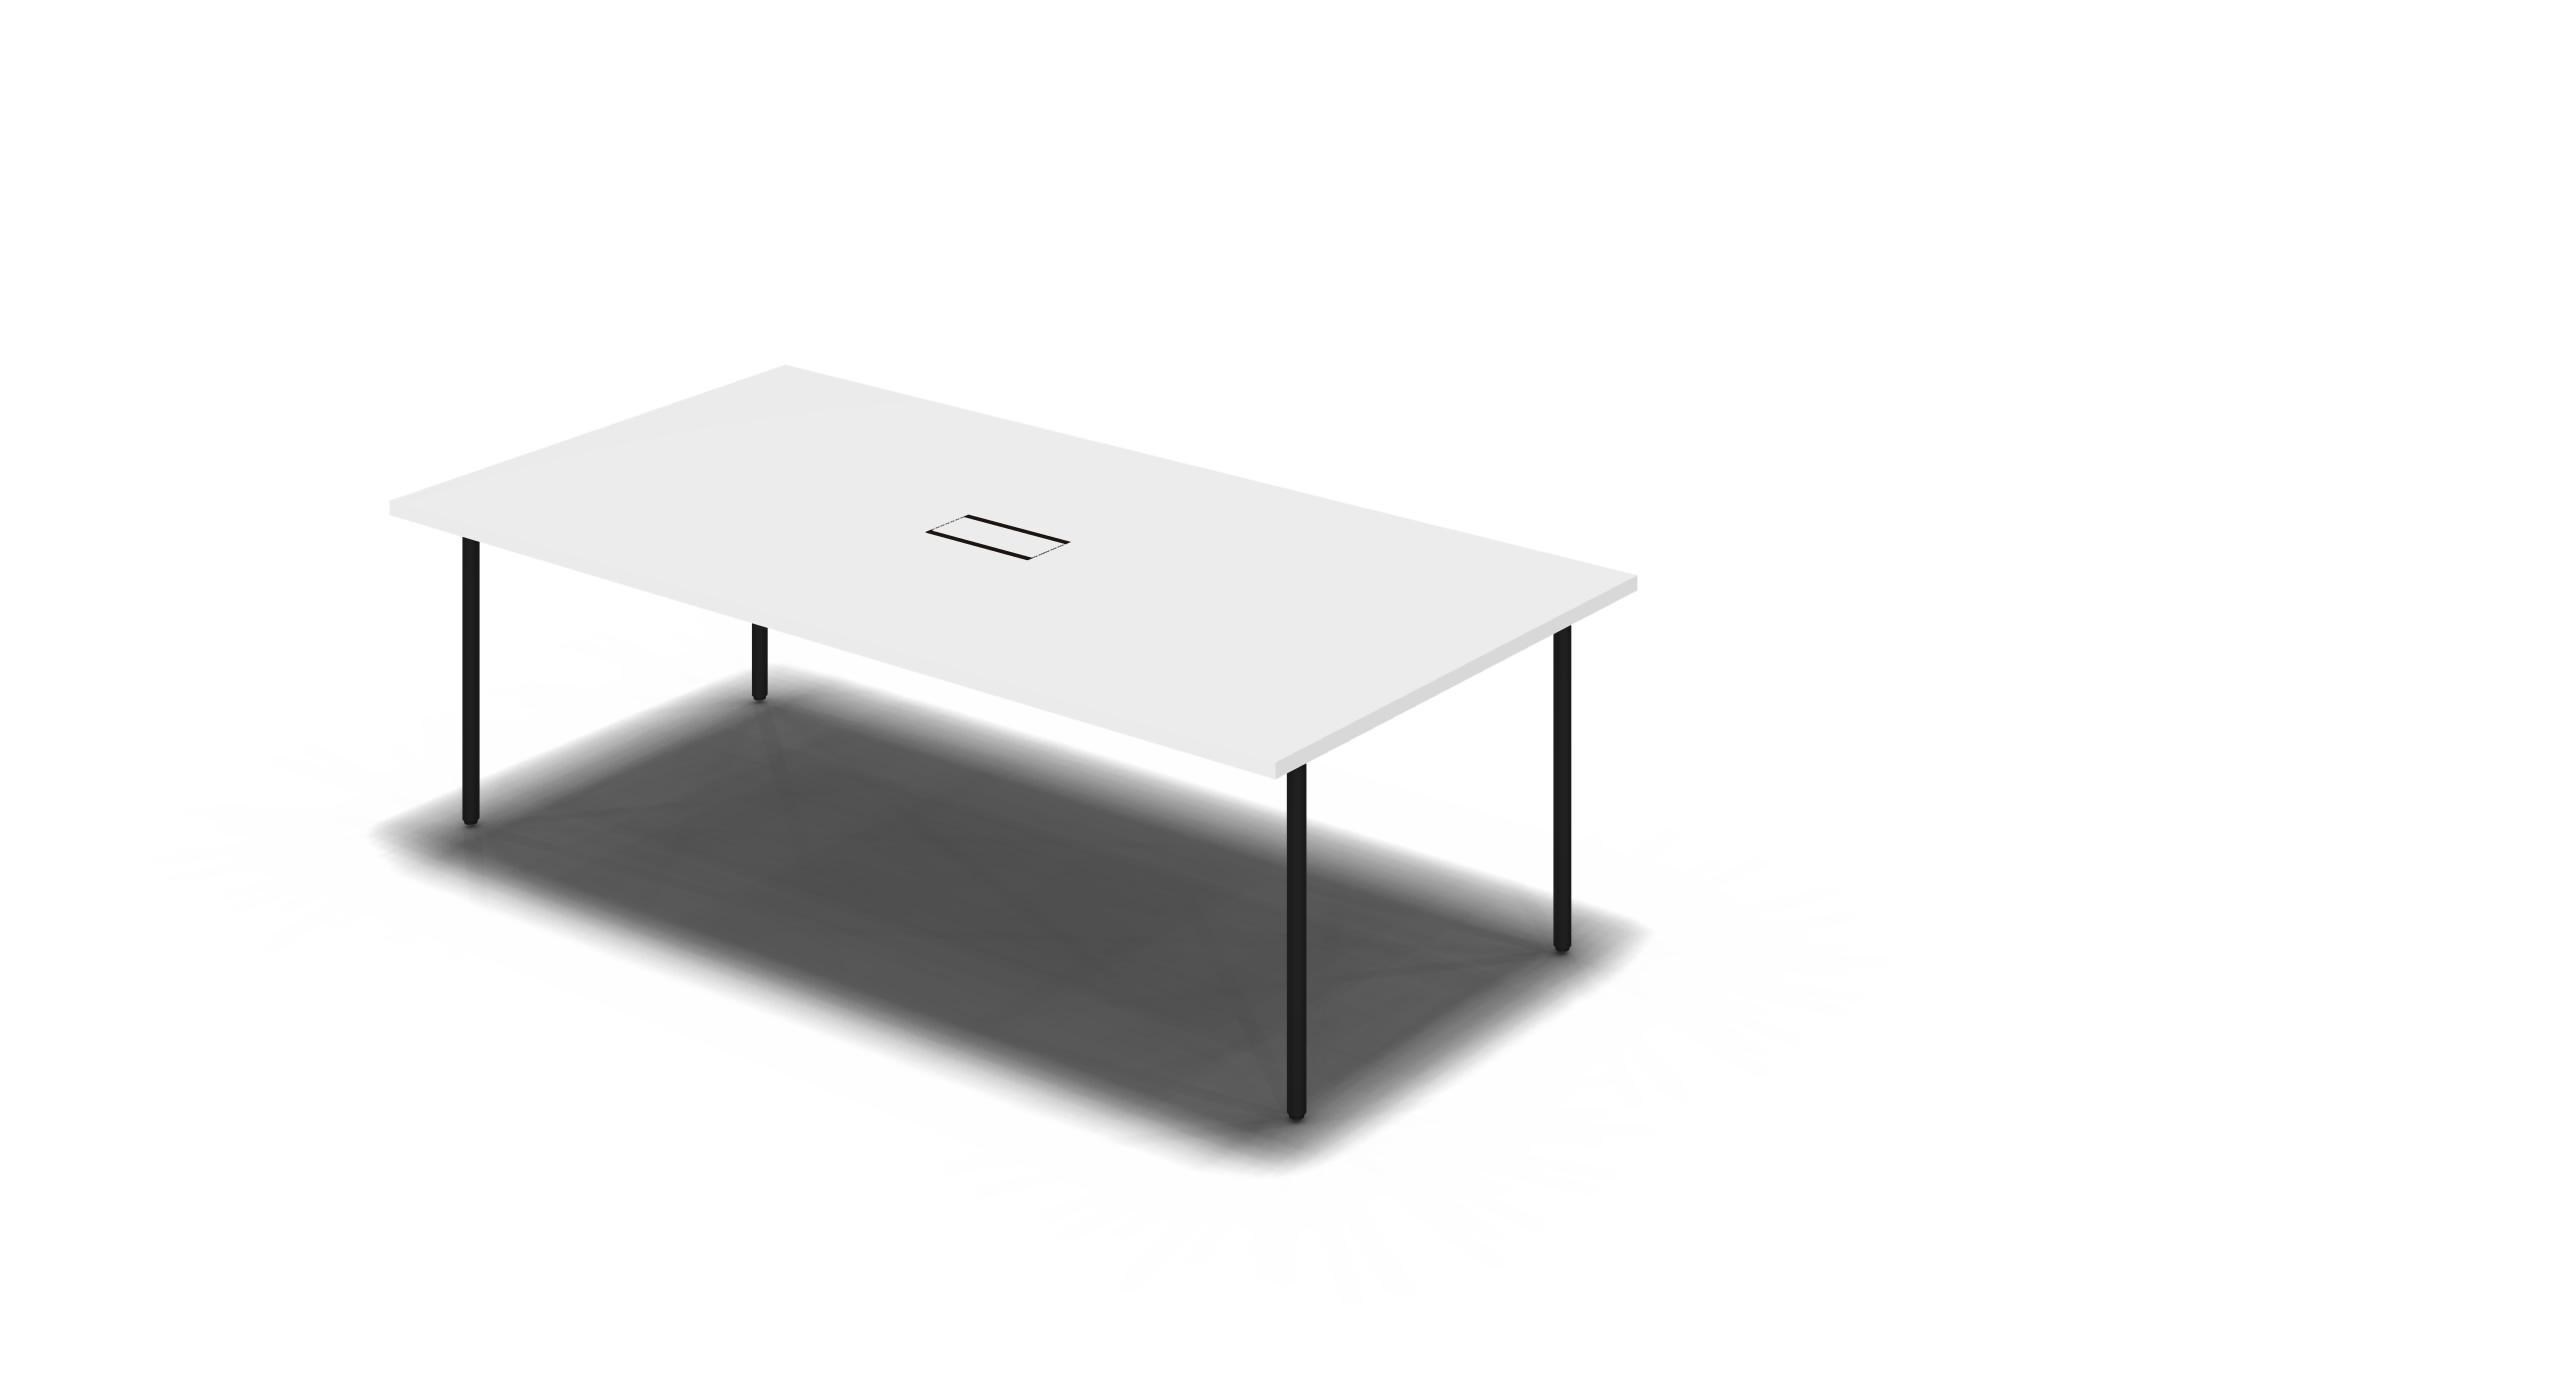 Table_Round_2100x1050_Black_White_withOption